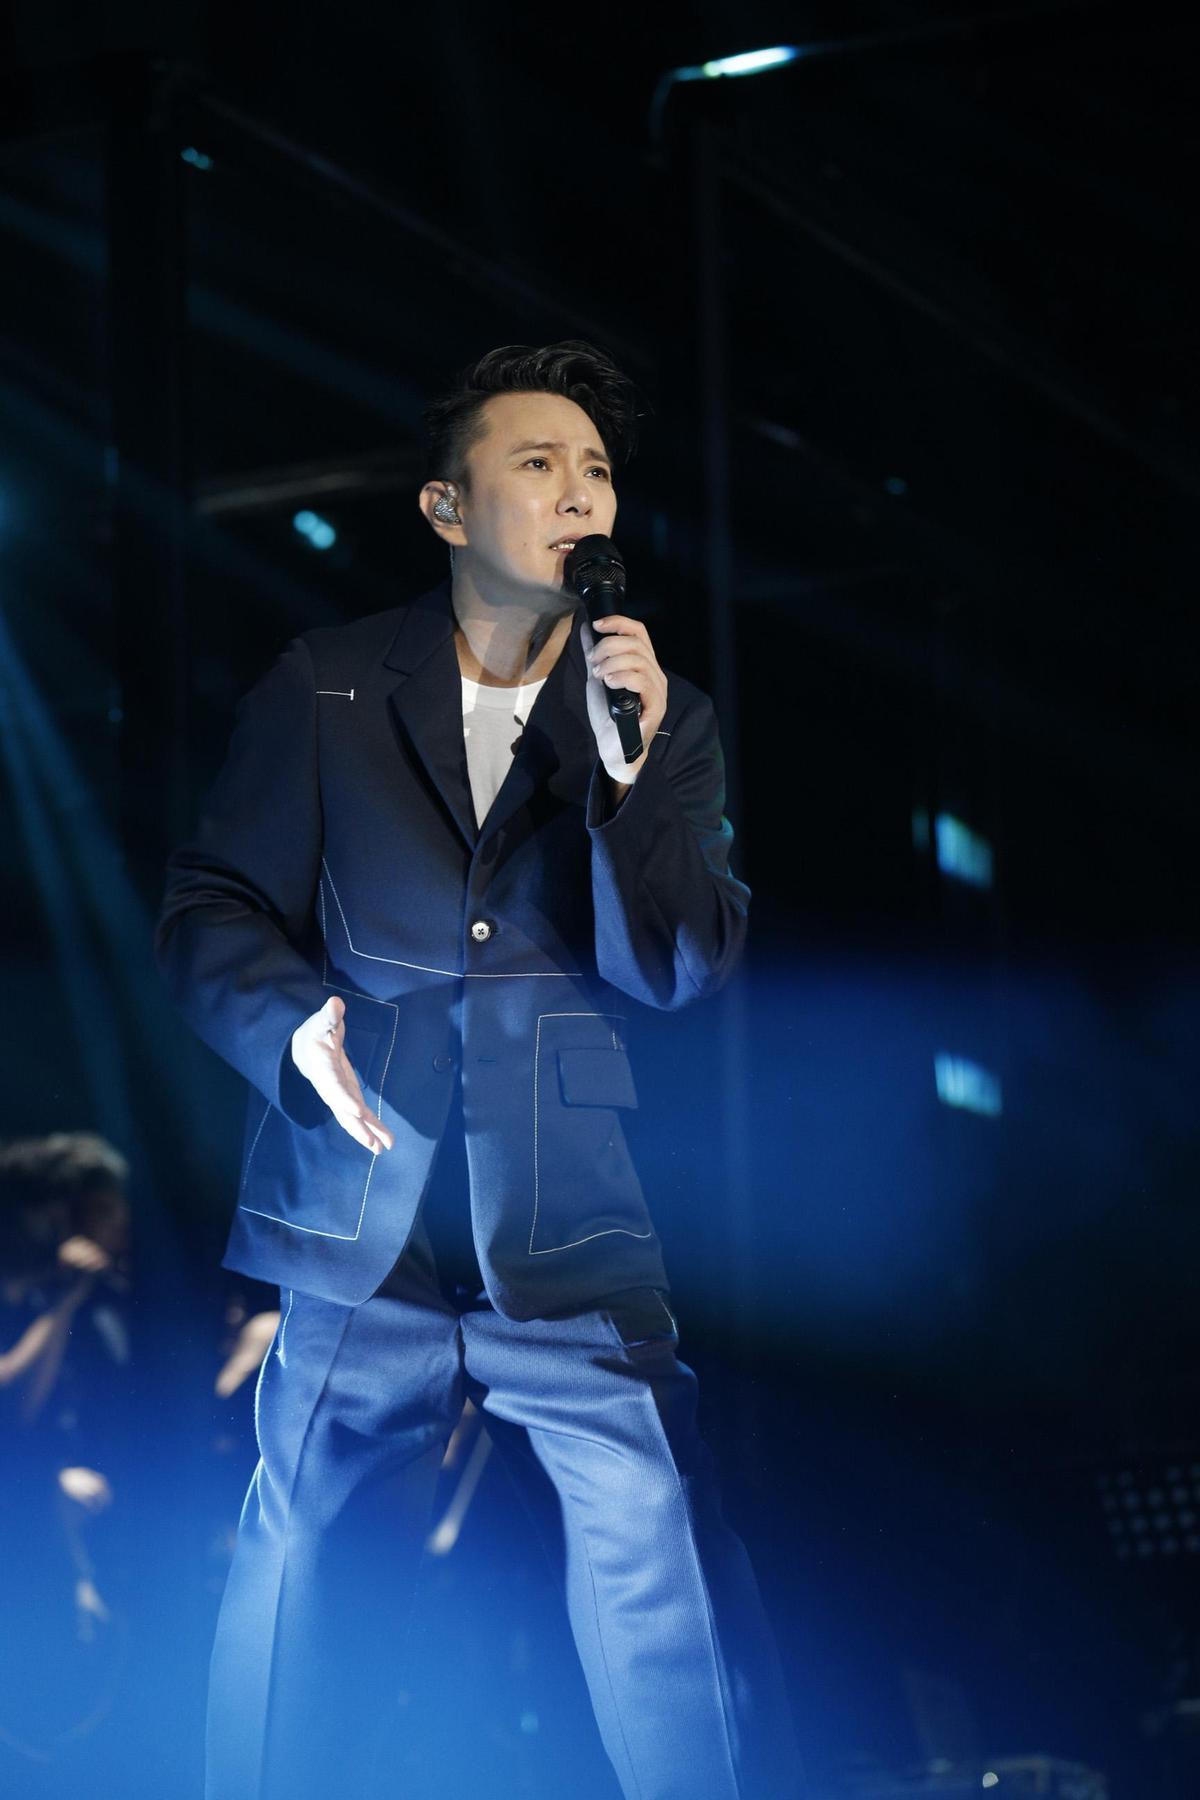 張信哲的《未來式》演唱會如火如荼,台北小巨蛋將於4月6日登場。 (潮水音樂提供)